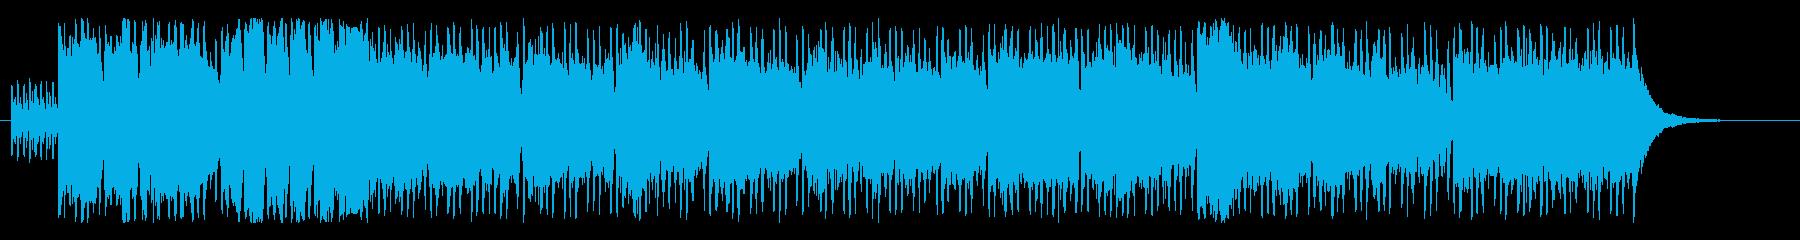 ブラームス1-4ロックアレンジ生trbの再生済みの波形